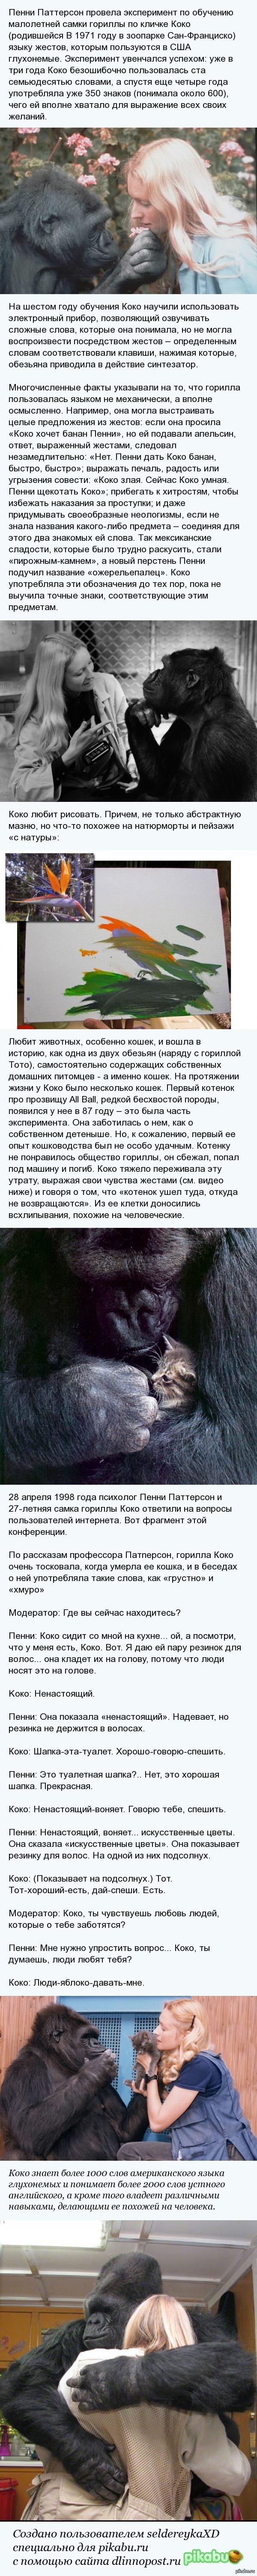 Горилла, которая умеет говорить   гориллы, приматы, язык жестов, длиннопост